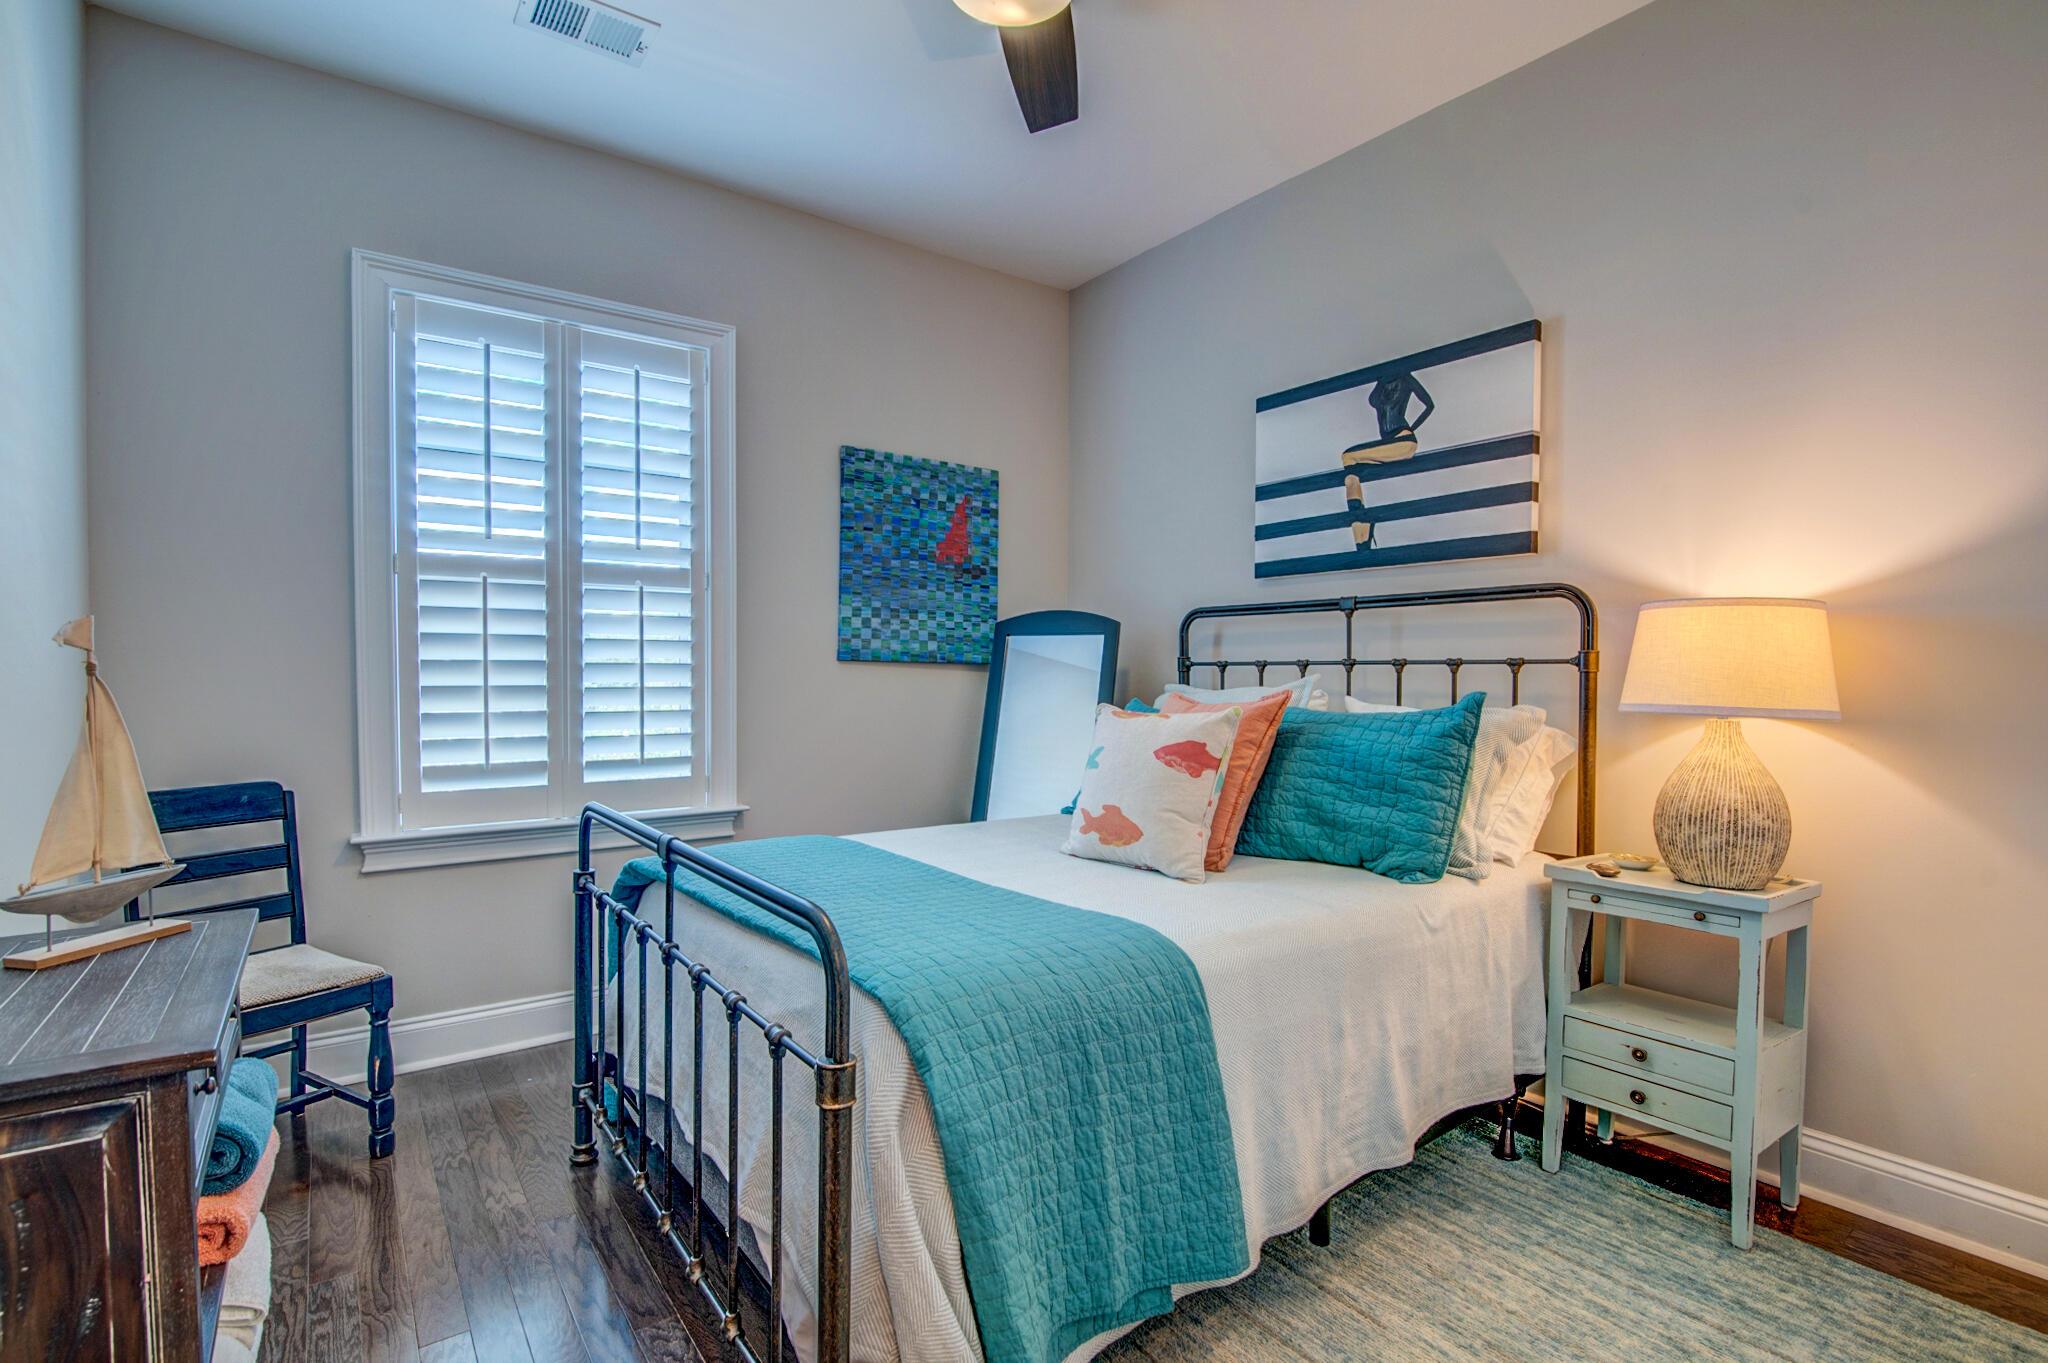 Whitesides Park Homes For Sale - 1102 Alagash Way, Mount Pleasant, SC - 8